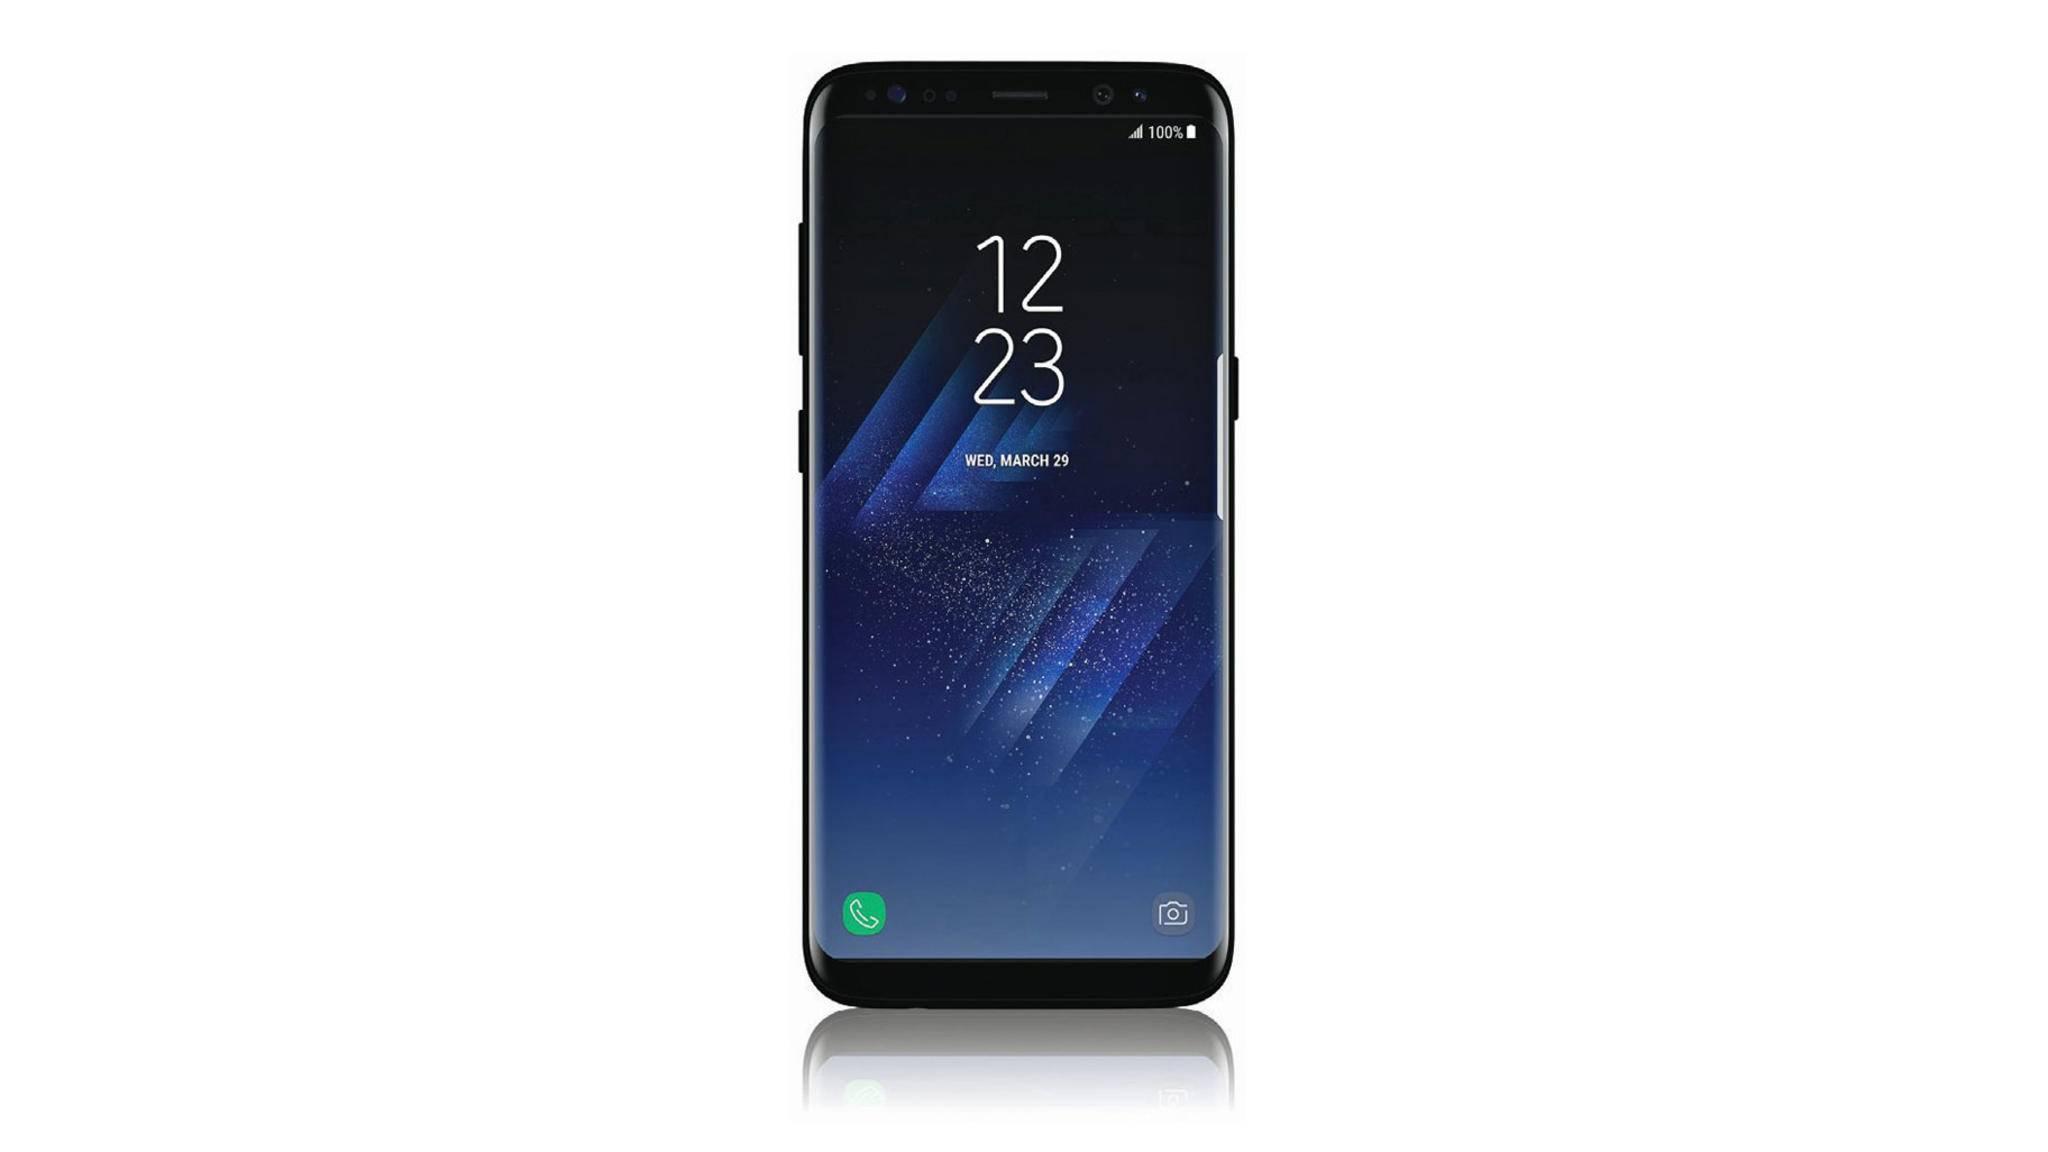 Geleakte Screenshots zeigen die vermutliche Benutzeroberfläche des Galaxy S8.